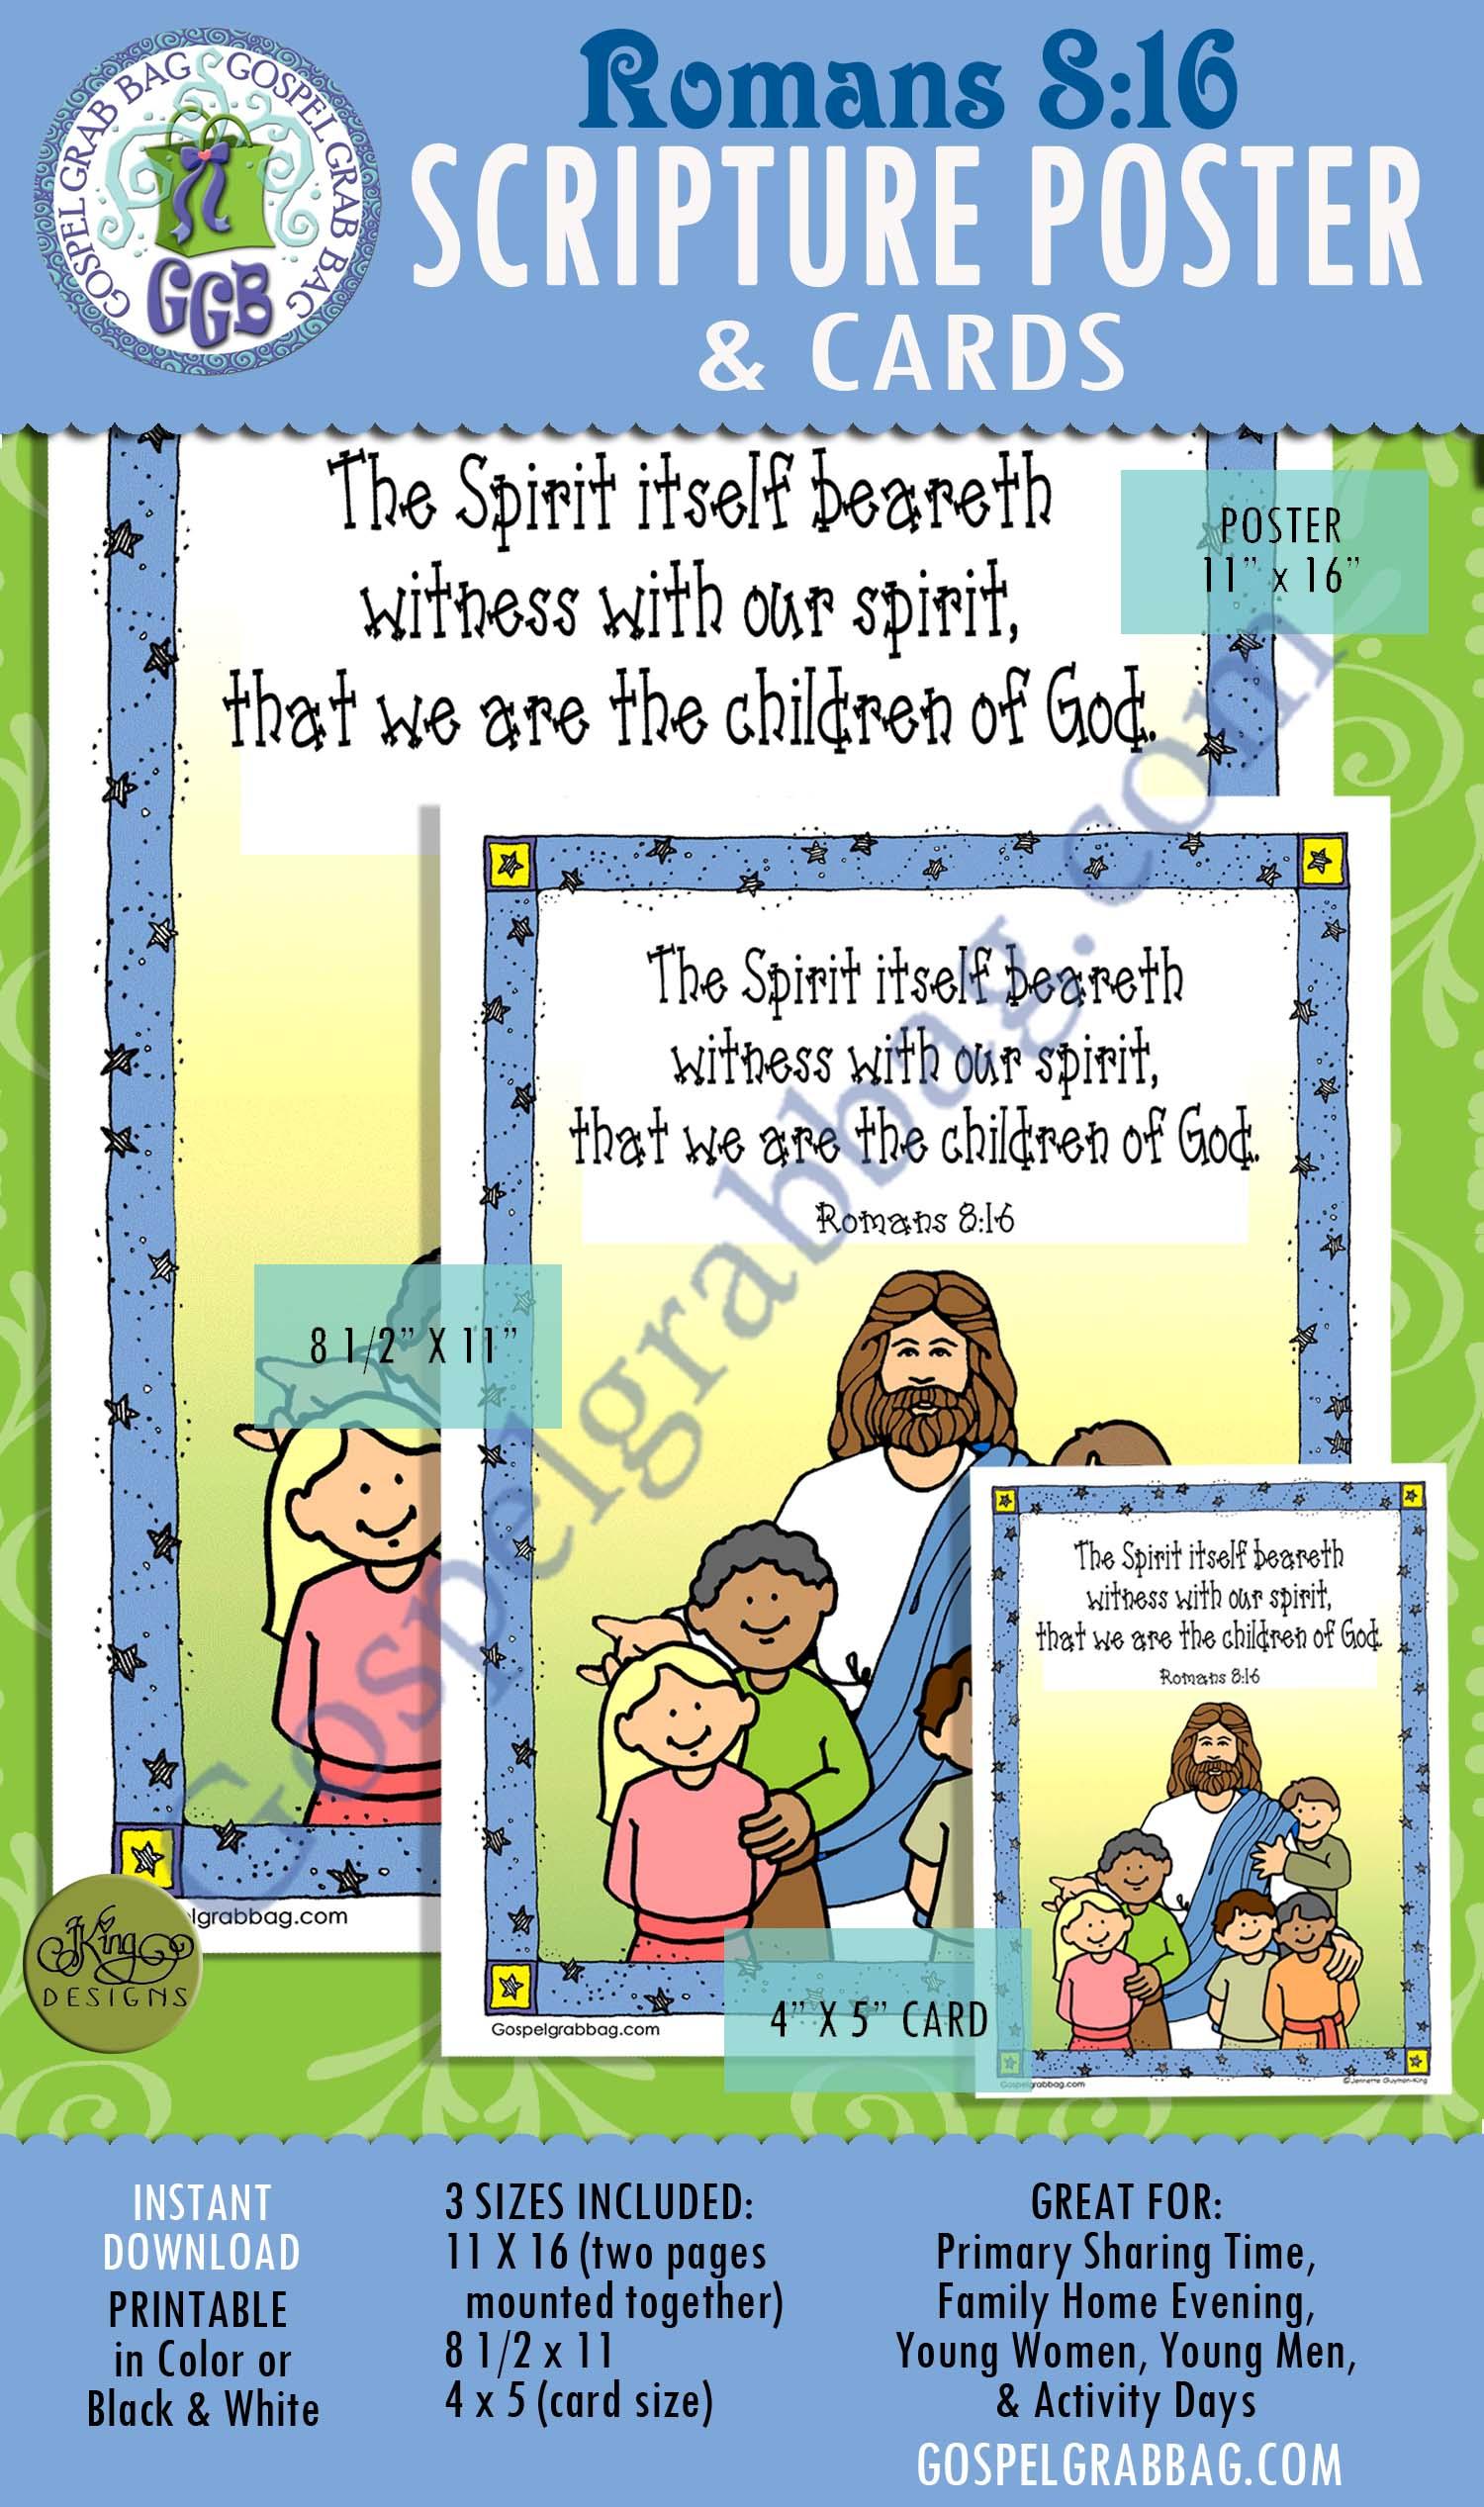 Romans 8:16 SCRIPTURE POSTER & CARDS, Primary Sharing Time, Come Follow Me, Family Home Evening, GospelGrabBag.com